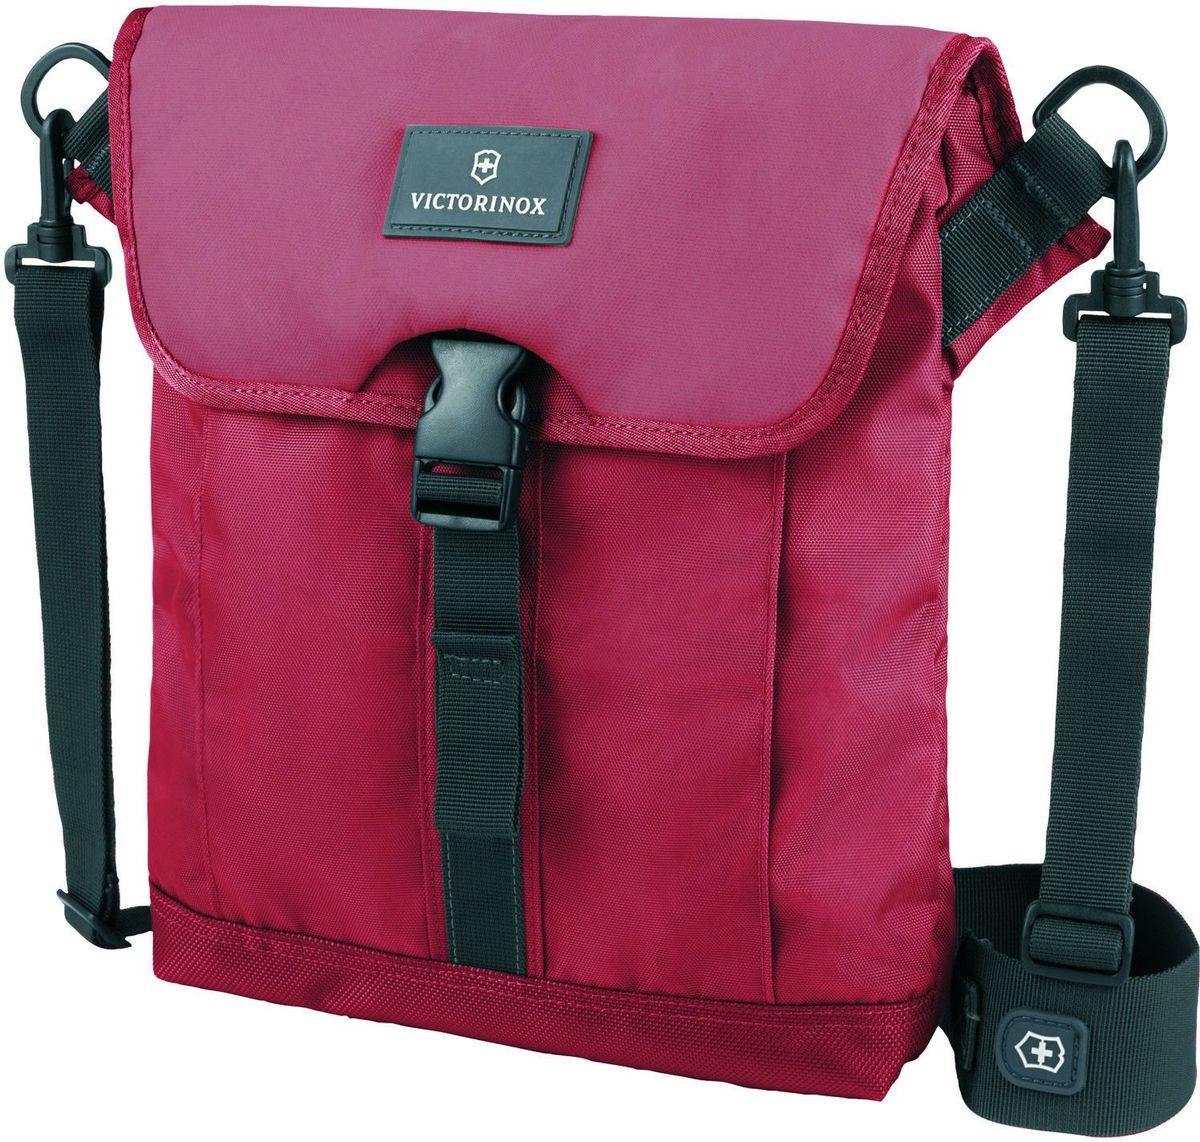 Сумка наплечная Victorinox Altmont 3.0 Flapover Bag, цвет: красный. 3238920332389203ХАРАКТЕРИСТИКИ И СВОЙСТВА Мягкий карман для электронного устройства диагональю 10 (25 см) для хранения iPad, Kindle, планшета или электронной книги Внешняя сторона включает в себя передний карман с застёжкой-клапаном Лицевые, боковые и задние скрытые карманы на молнии обеспечивают дополнительную безопасность и места для хранения Регулируемый съемный плечевой ремень для удобства переноски